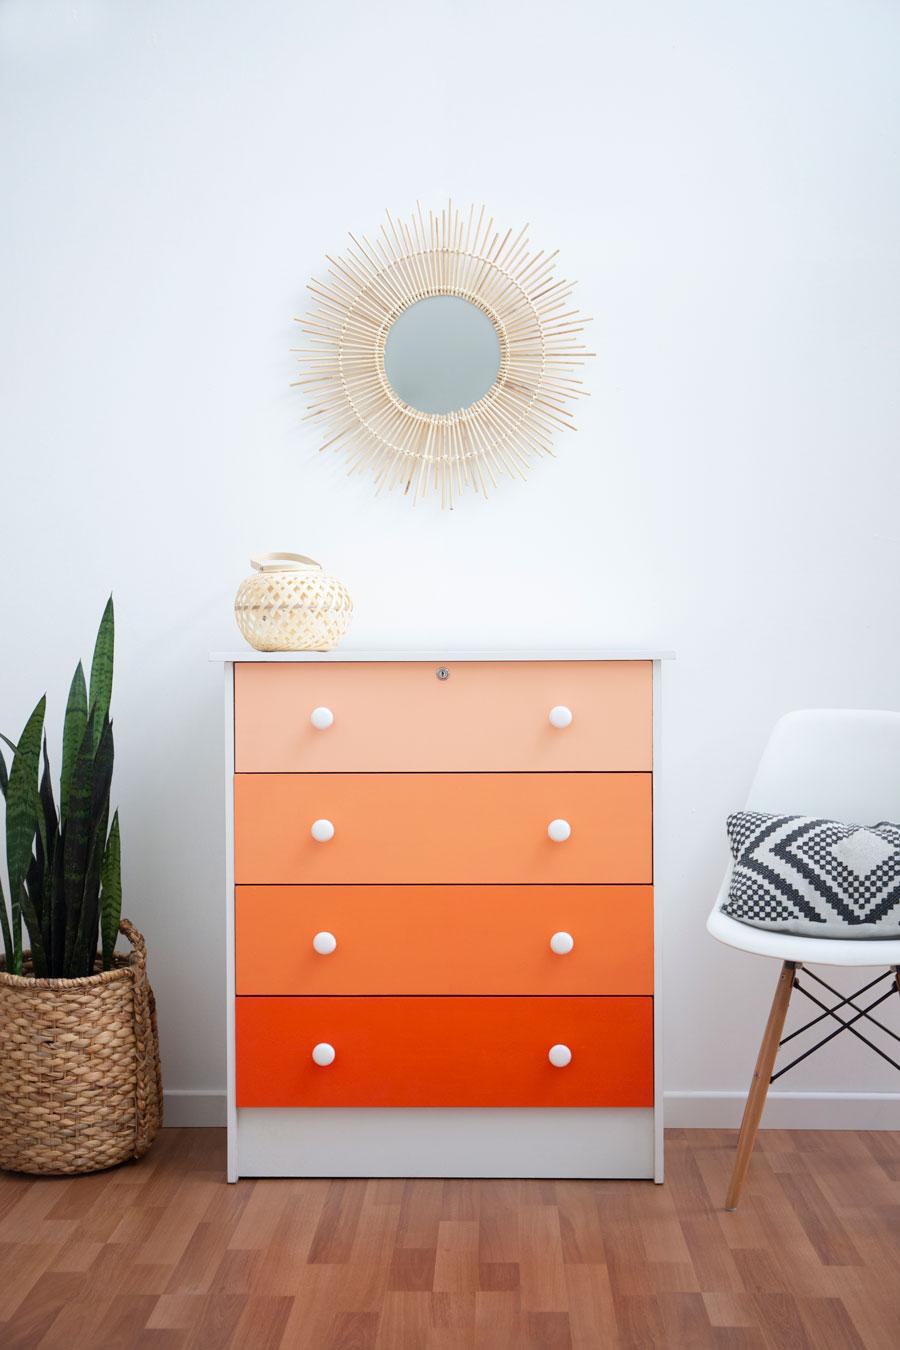 Renovar con poco presupuesto: pinta muebles